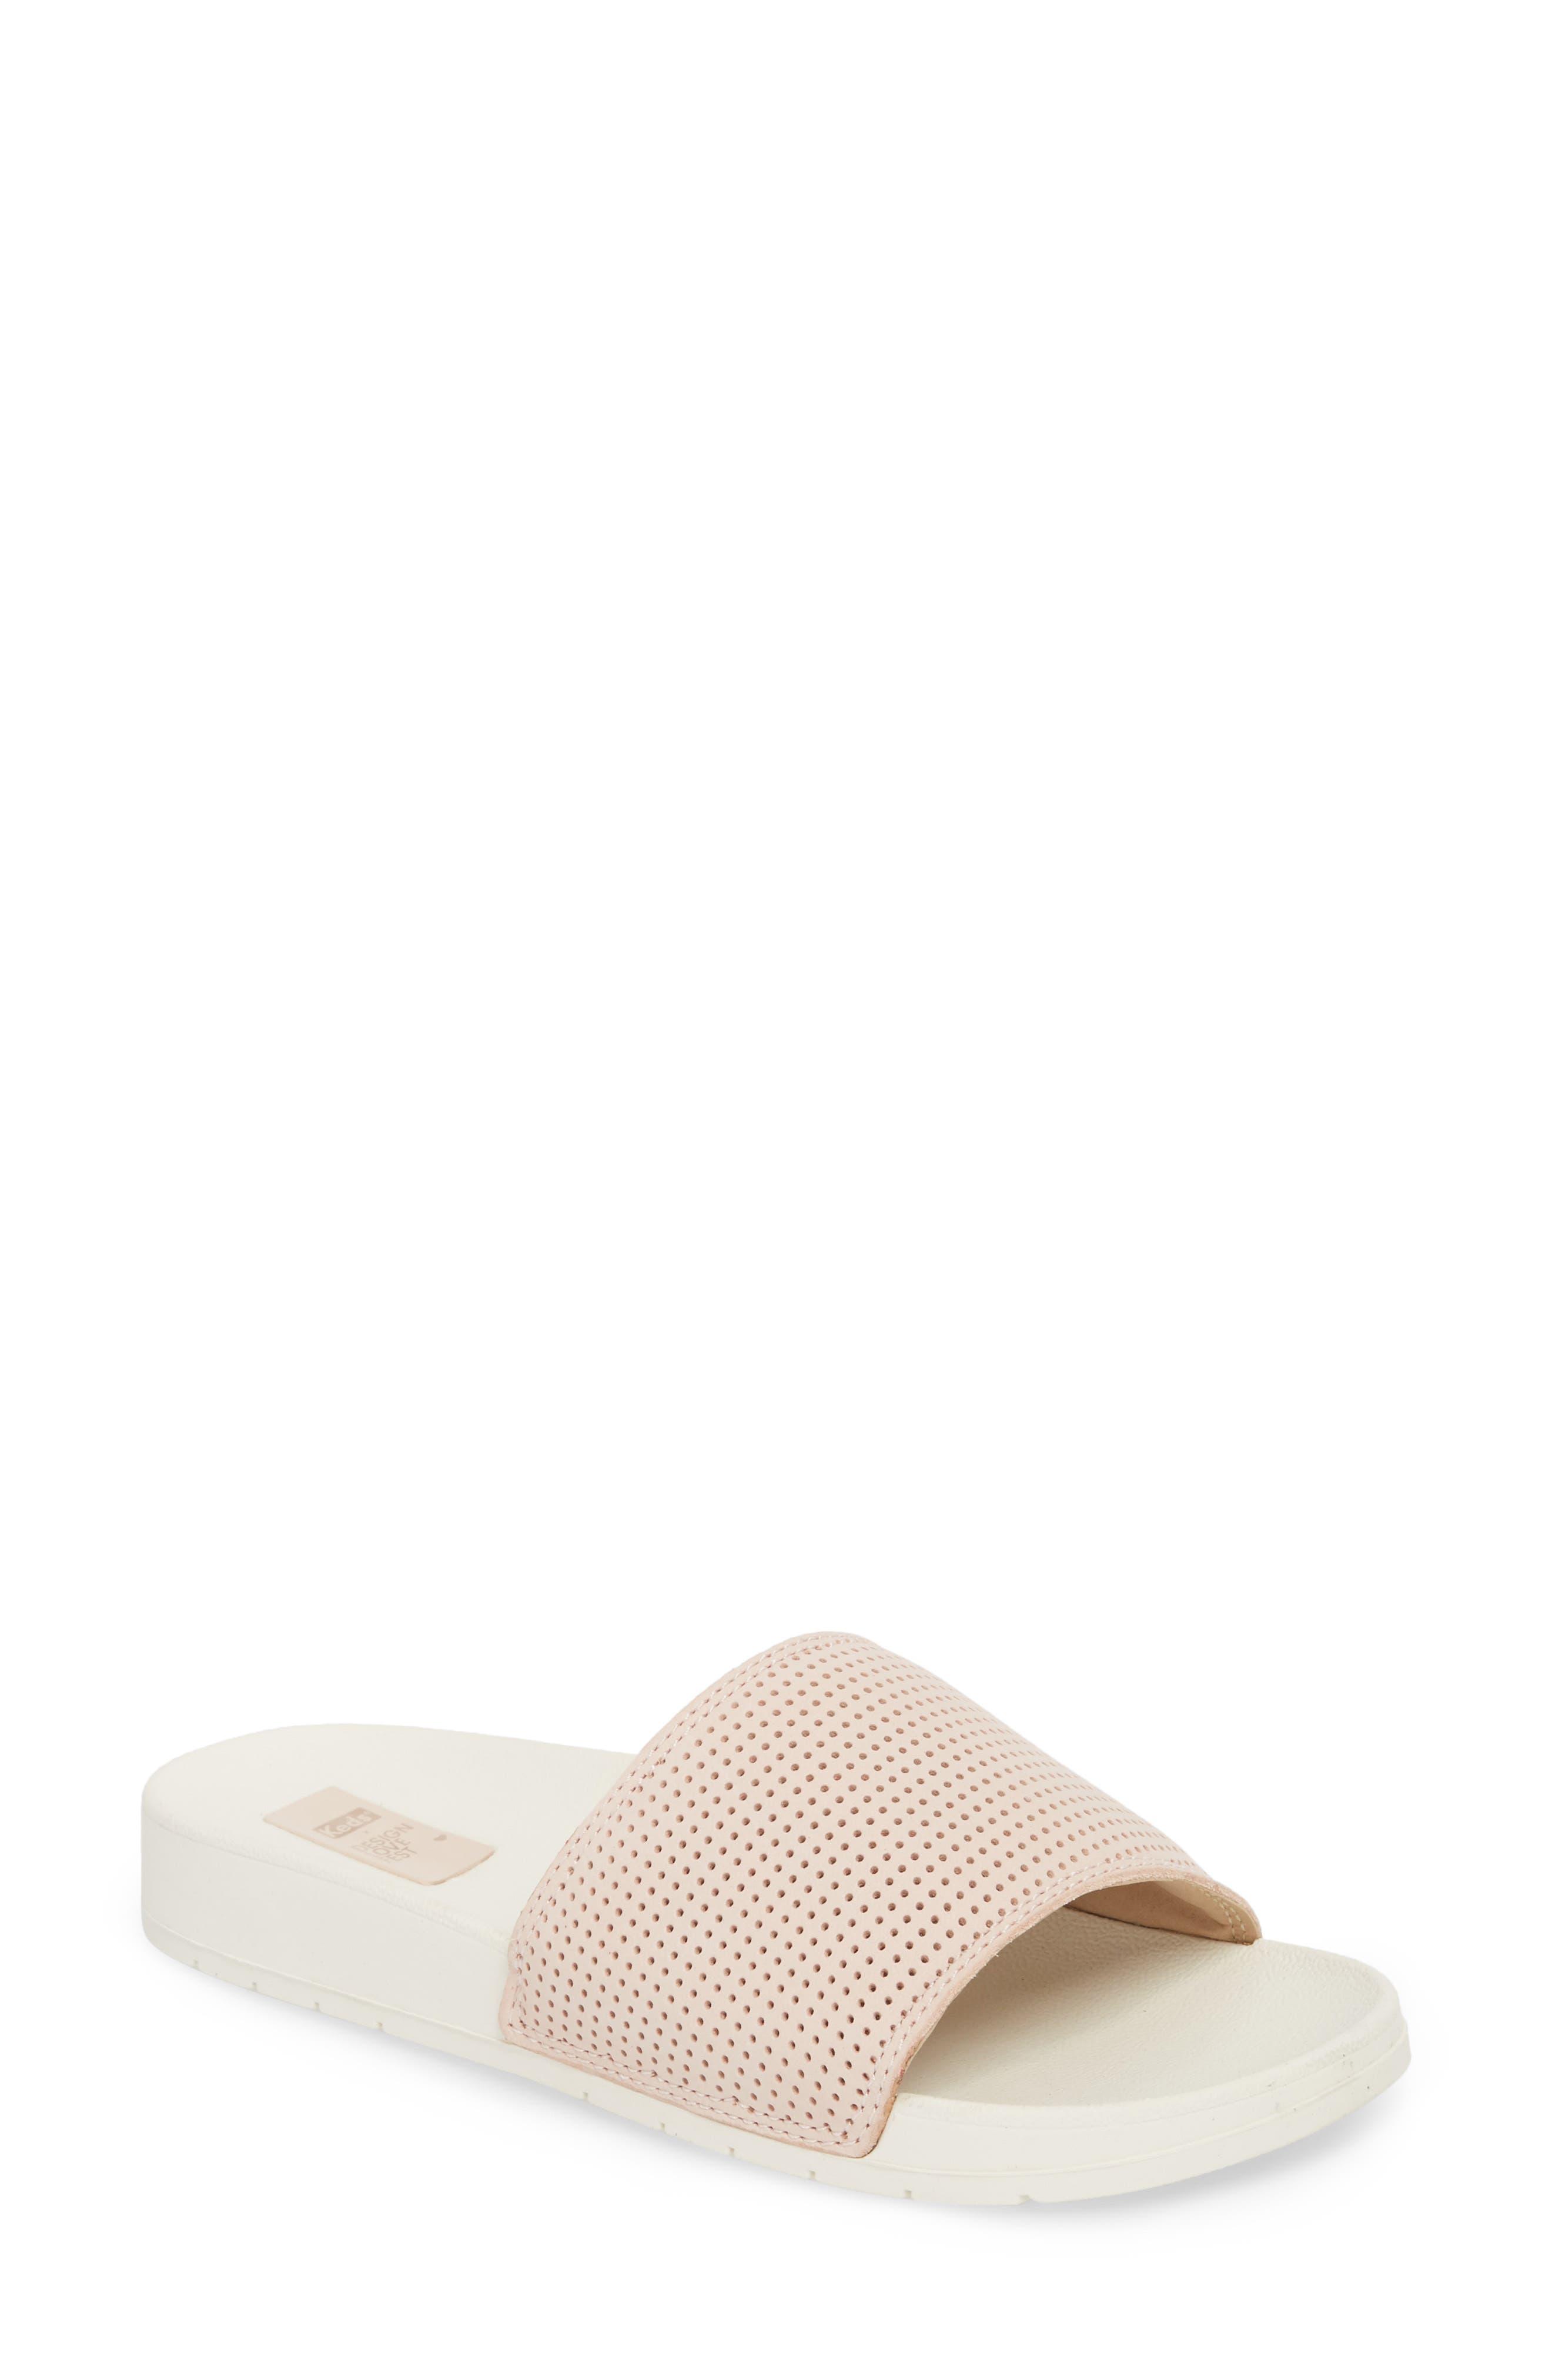 x Designlovefest Bliss Slide Sandal,                         Main,                         color, Blush/ Cream